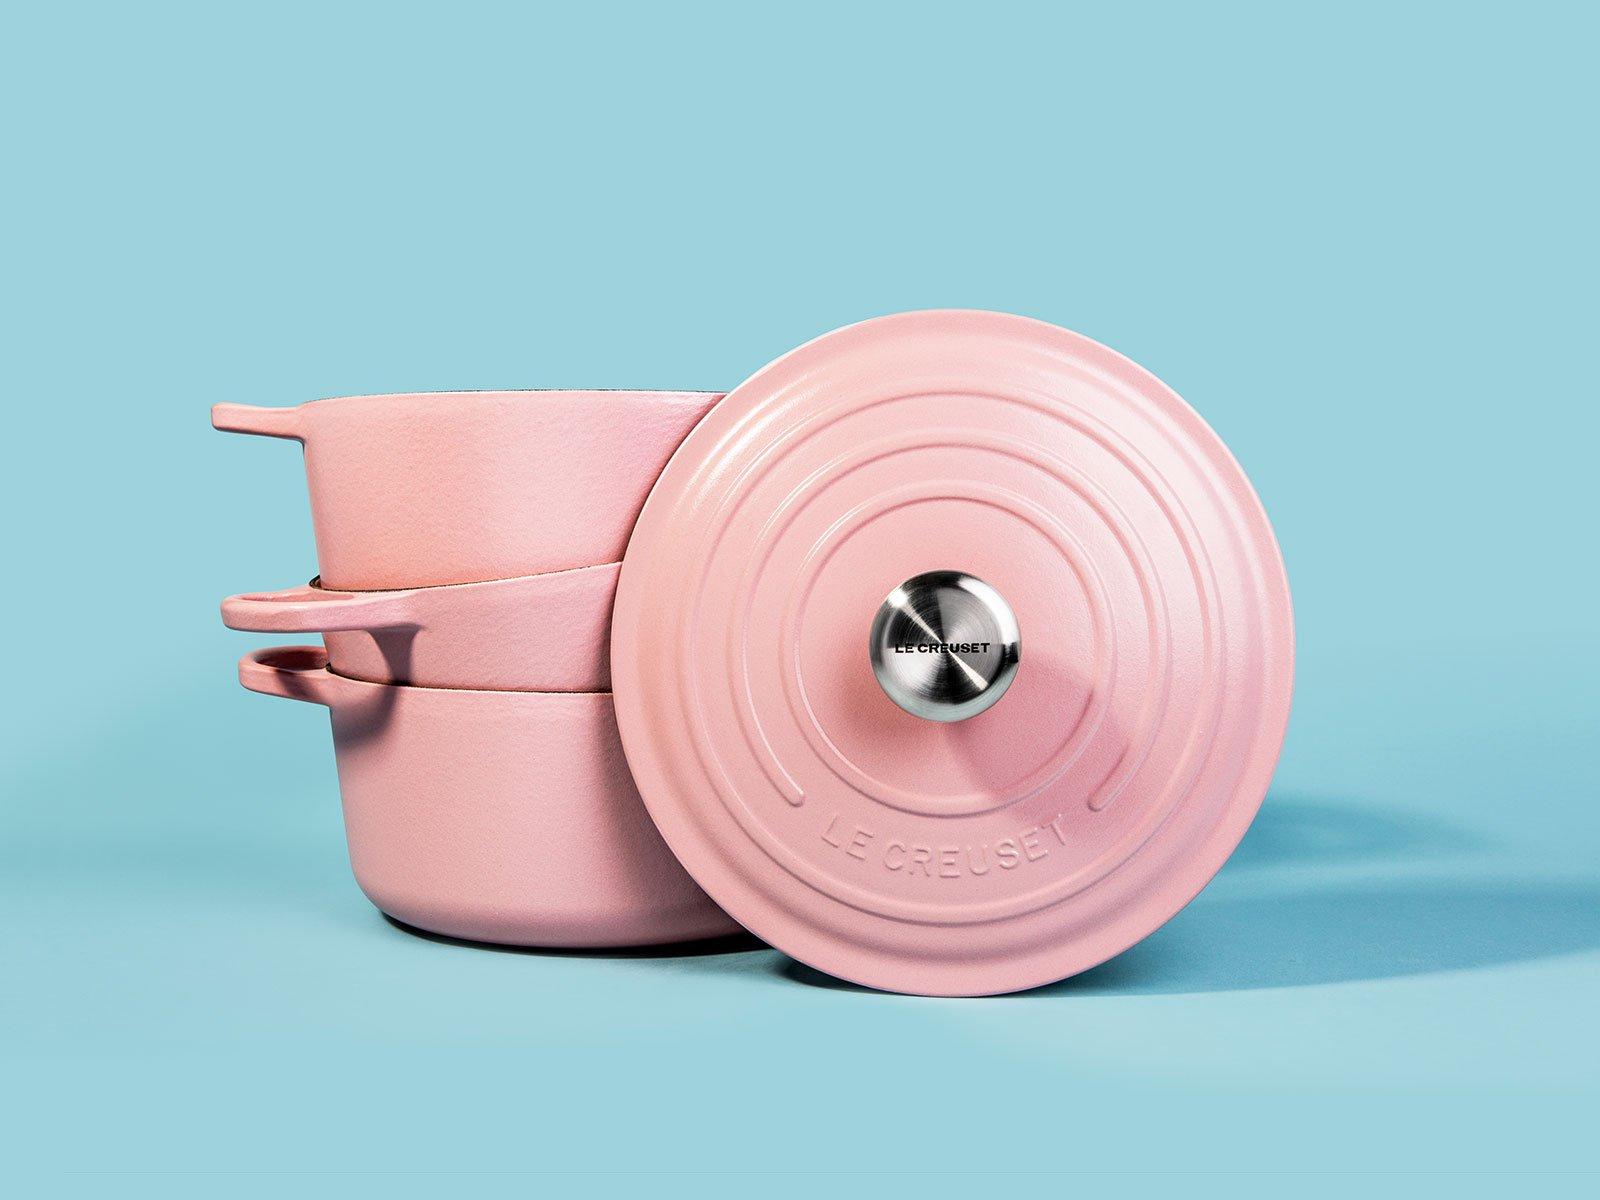 Sugar Pink_Round Ovens